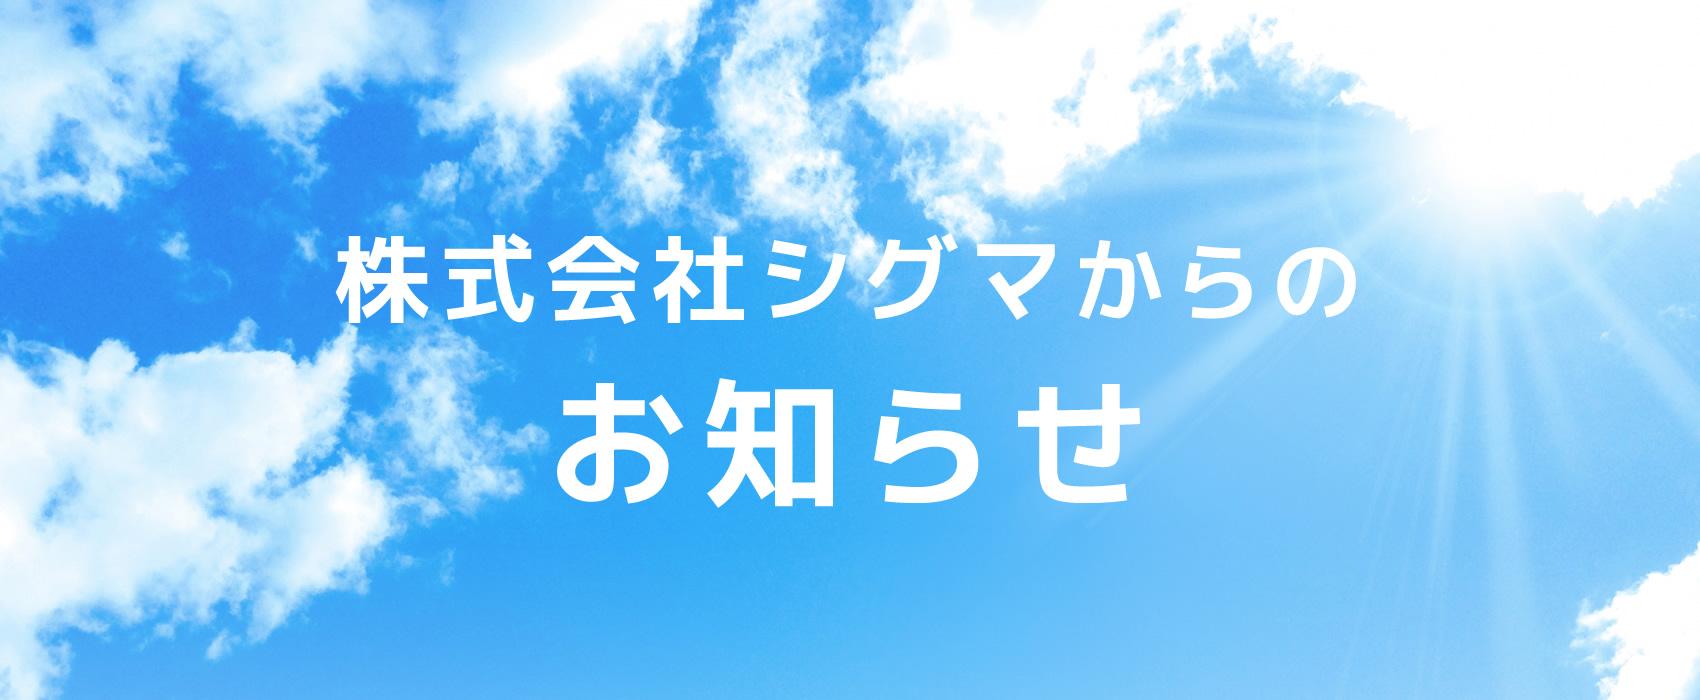 株式会社シグマからのお知らせ